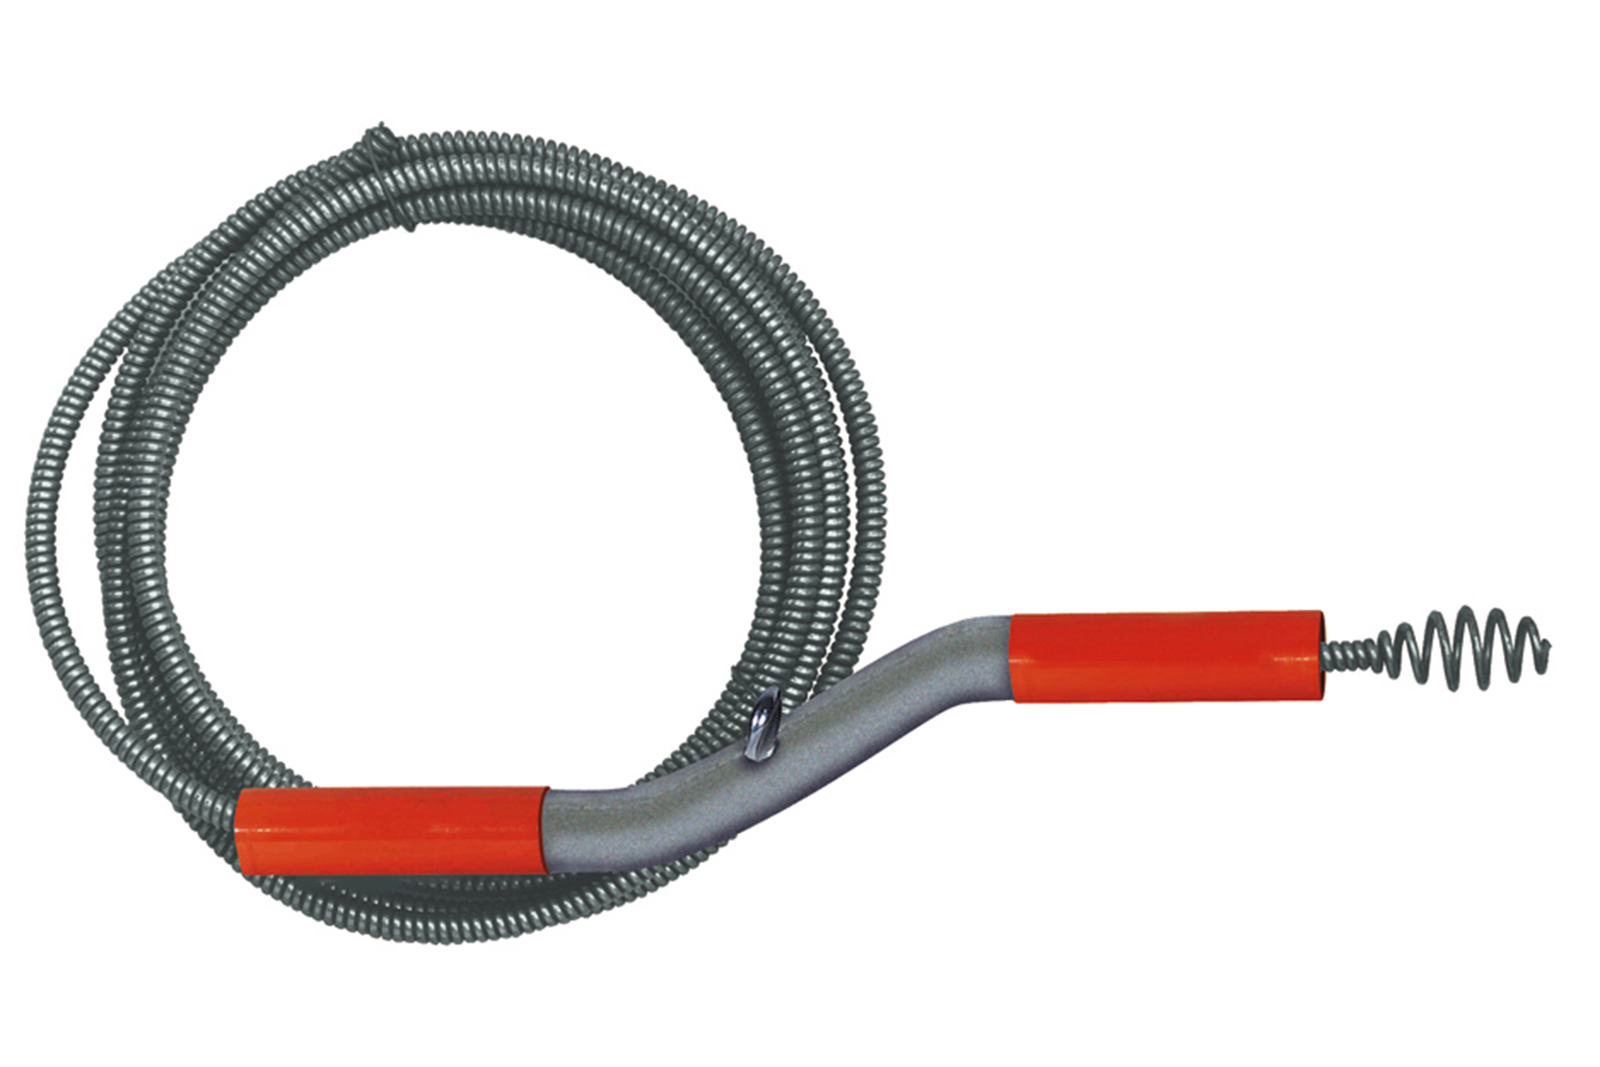 Трос для прочистки General pipeПрочистное оборудование<br>Тип прочистного оборудования: трос для прочистки, Макс. диаметр трубы: 100, Мин. диаметр трубы: 40, Длина спирали: 15<br>